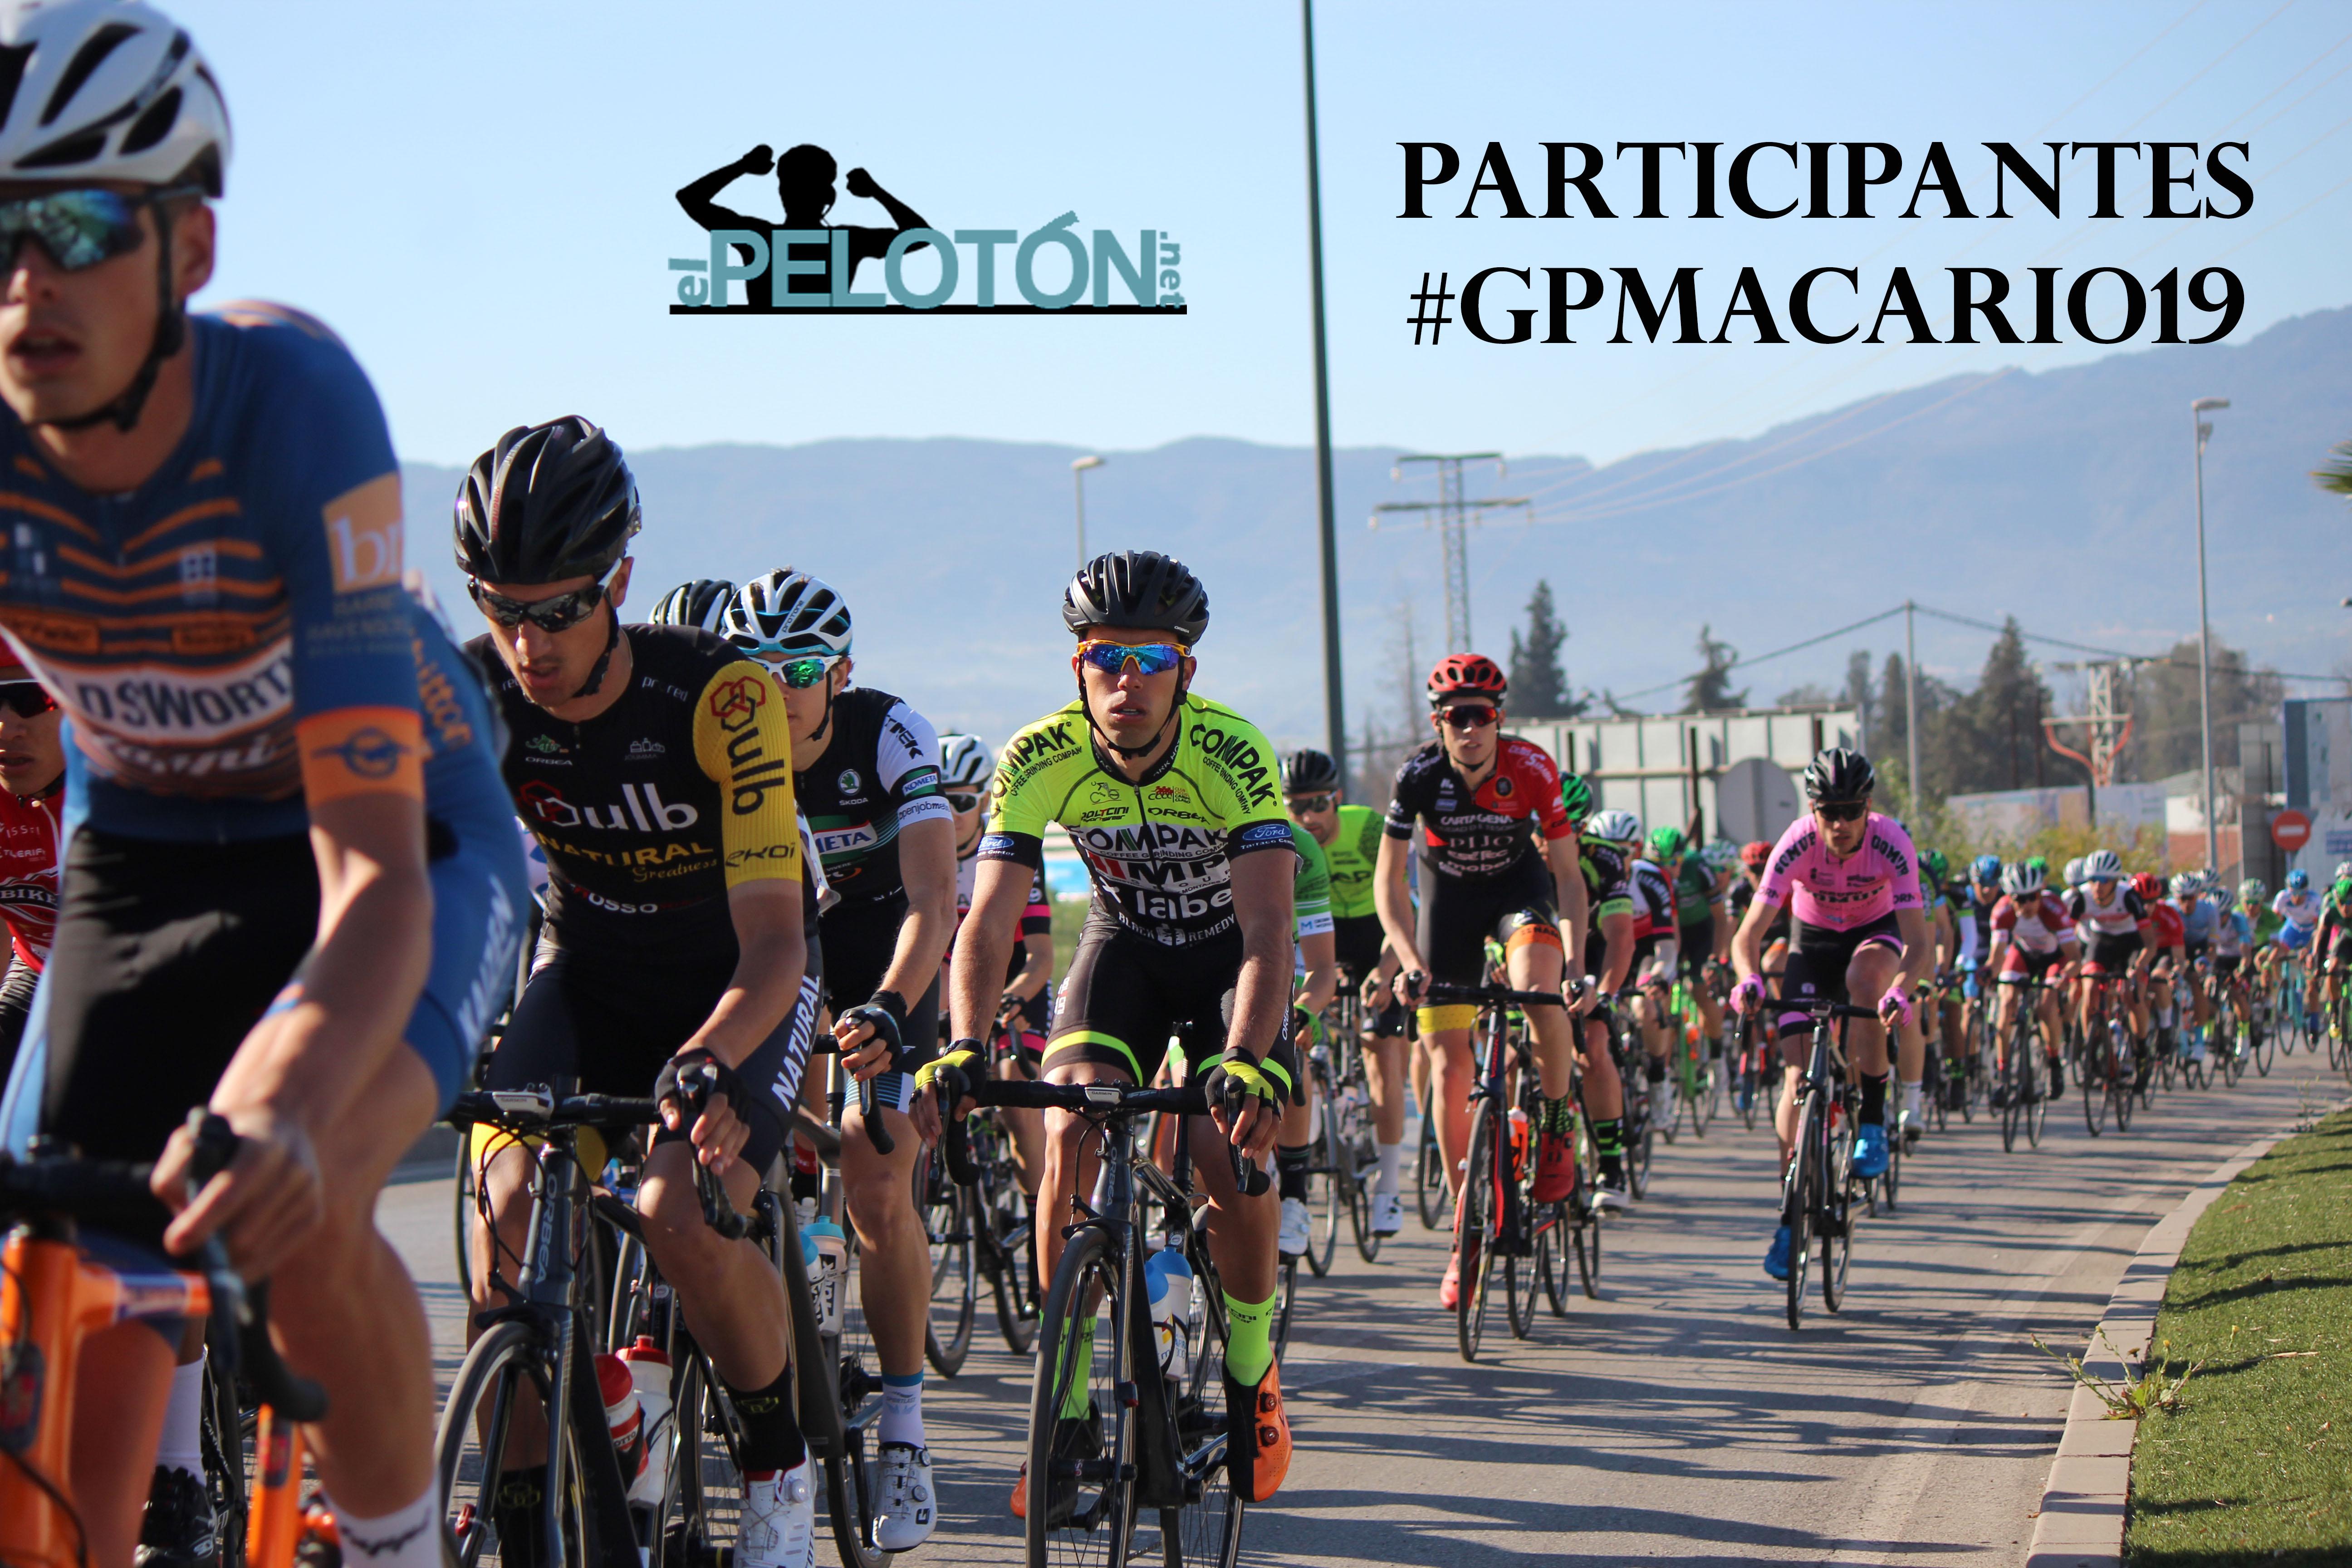 Participantes GP Macario 2019